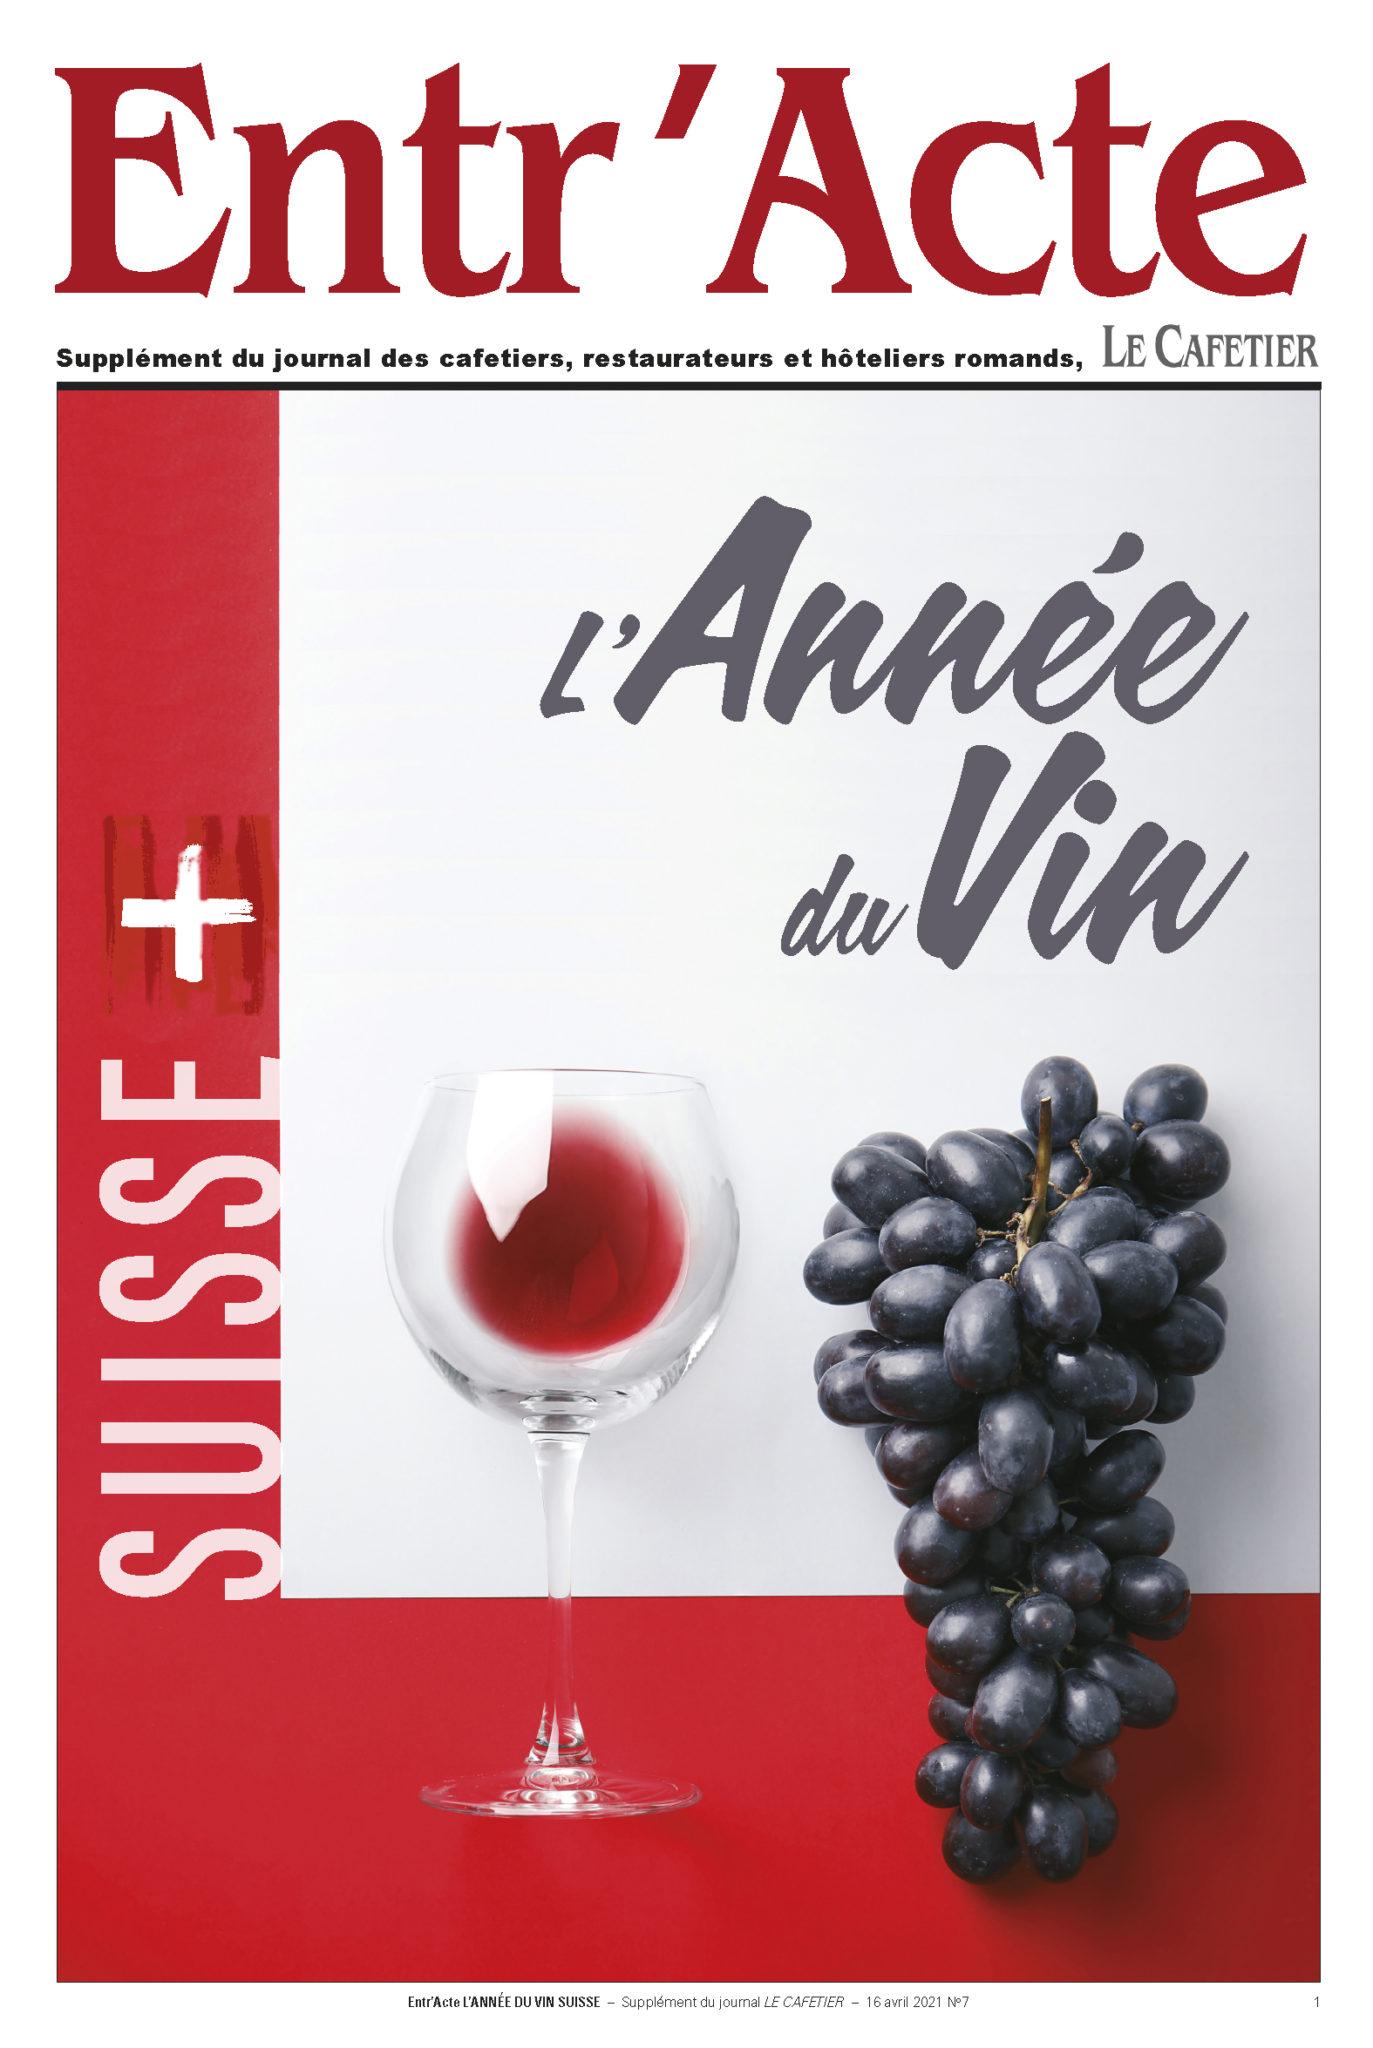 Entr'Acte Année du Vin Suisse